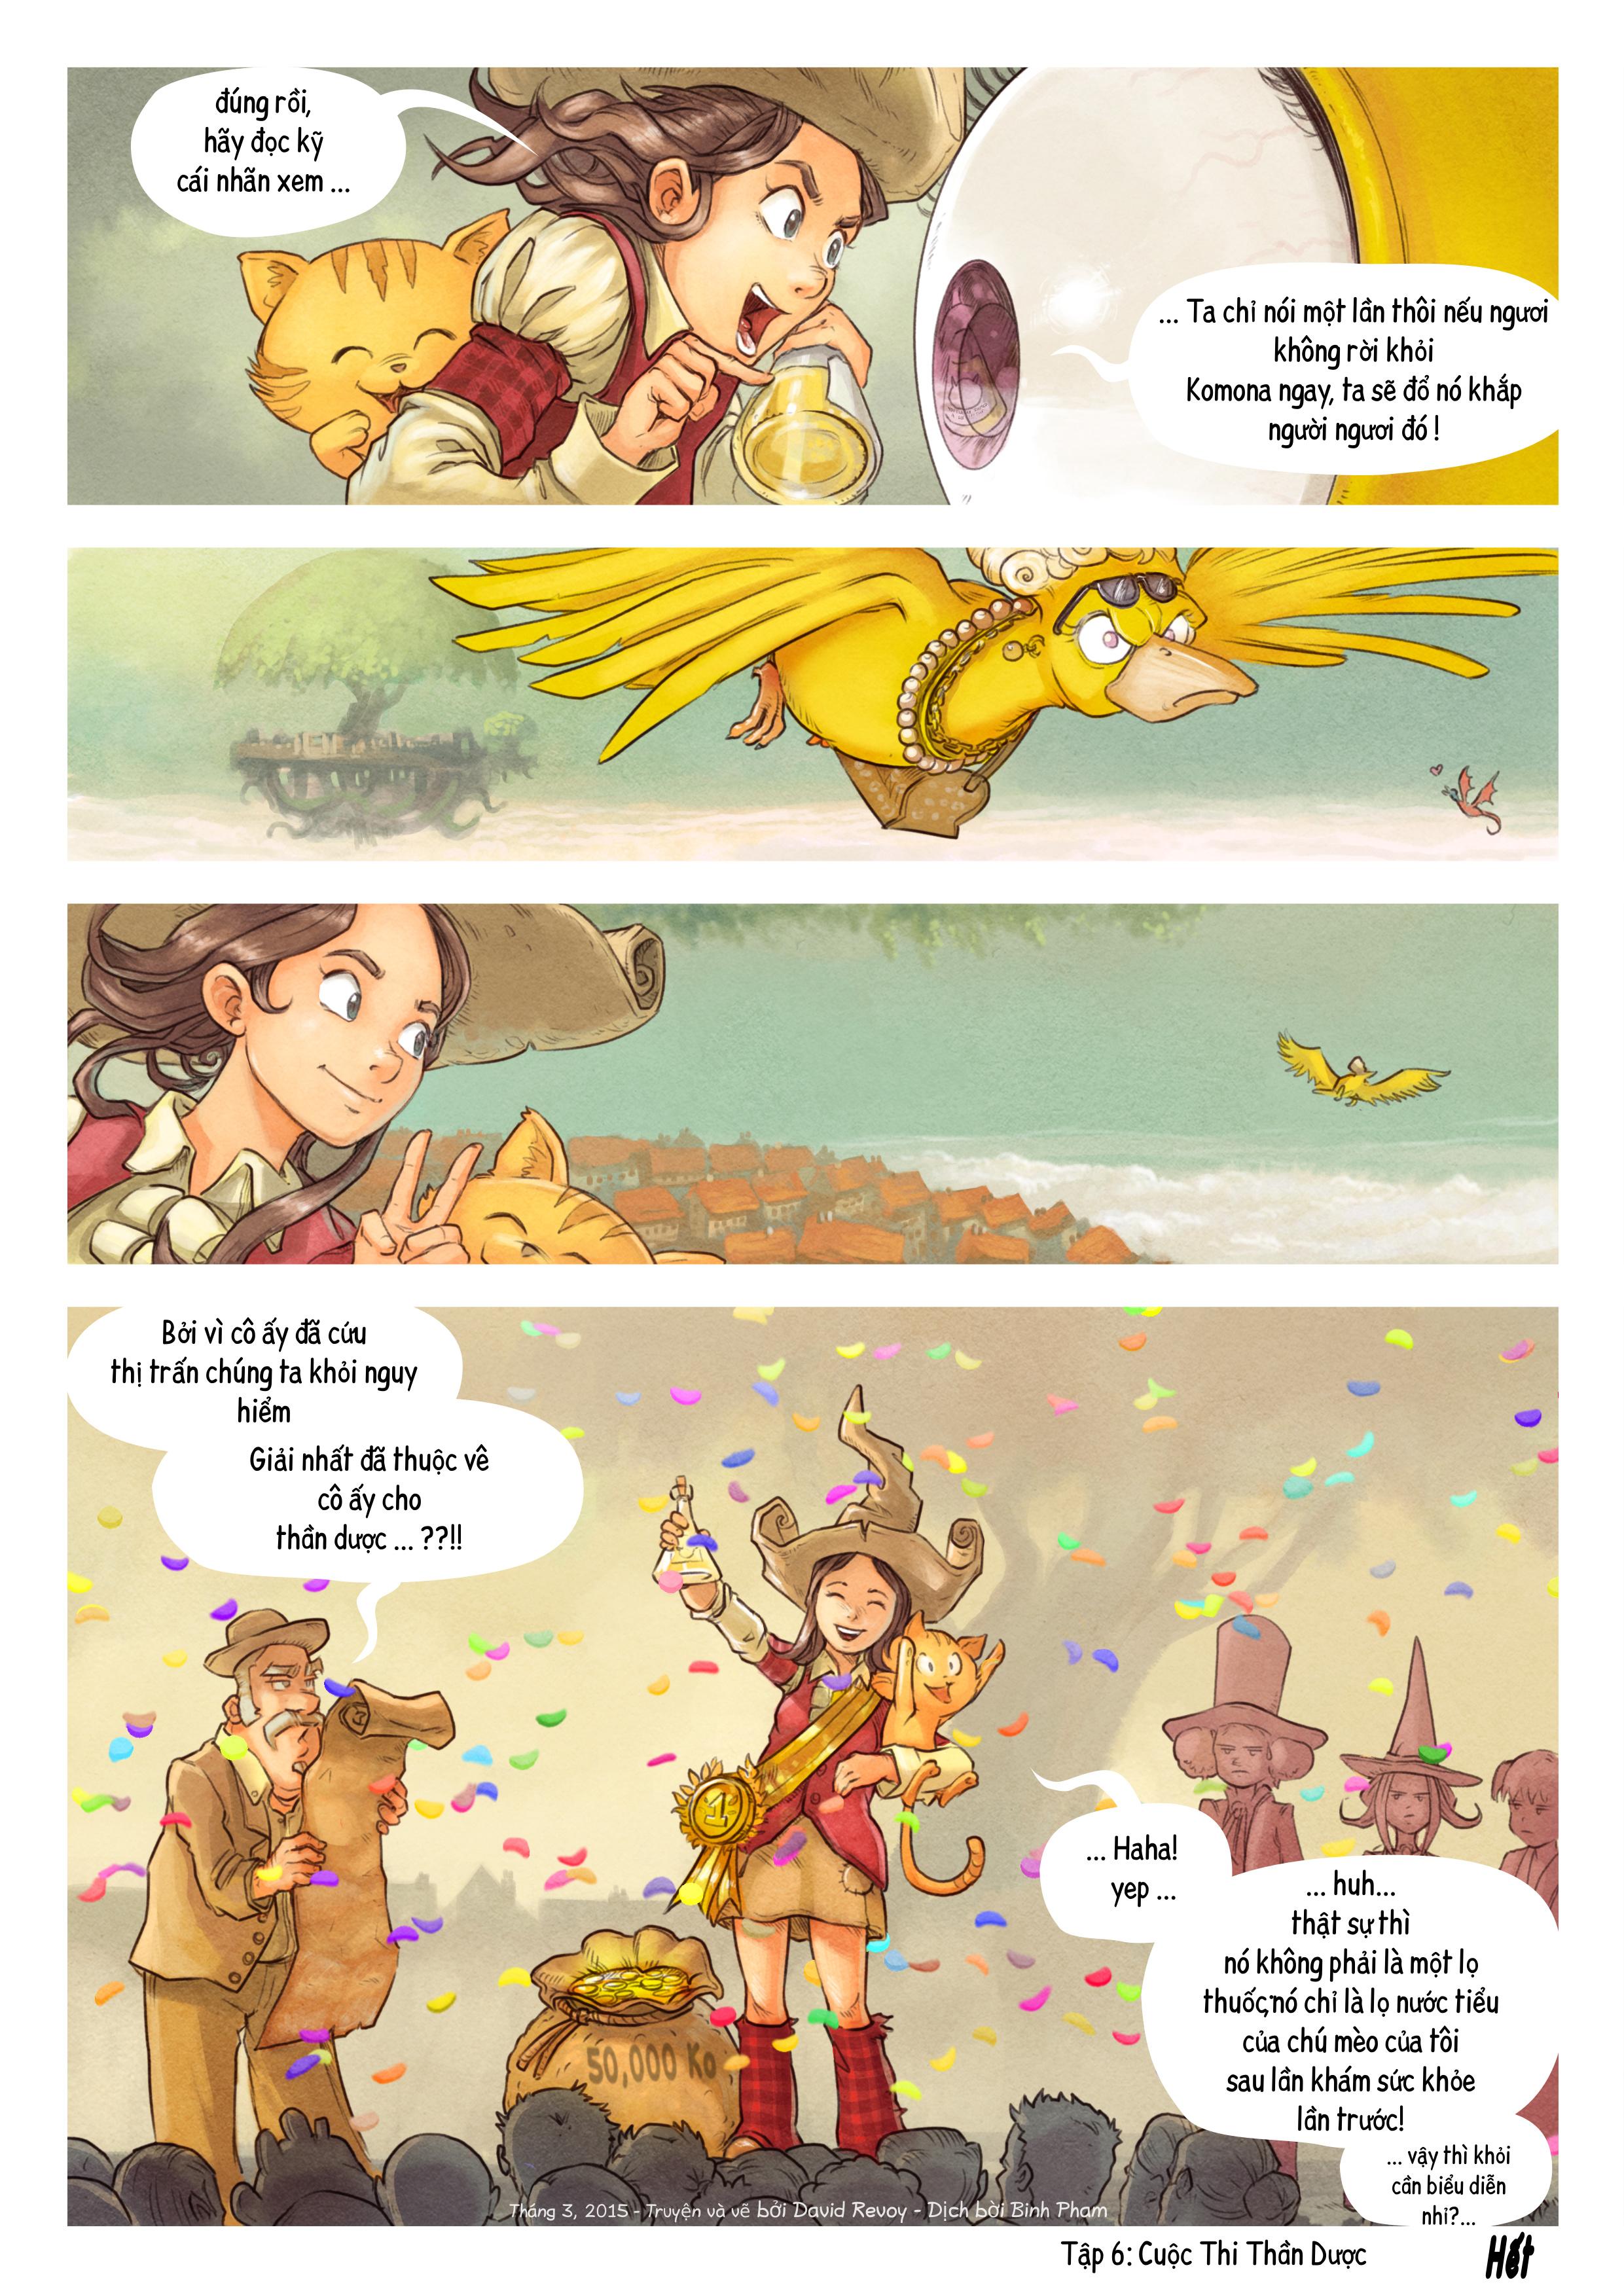 Tập 6: Cuộc Thi Thần Dược, Trang 9